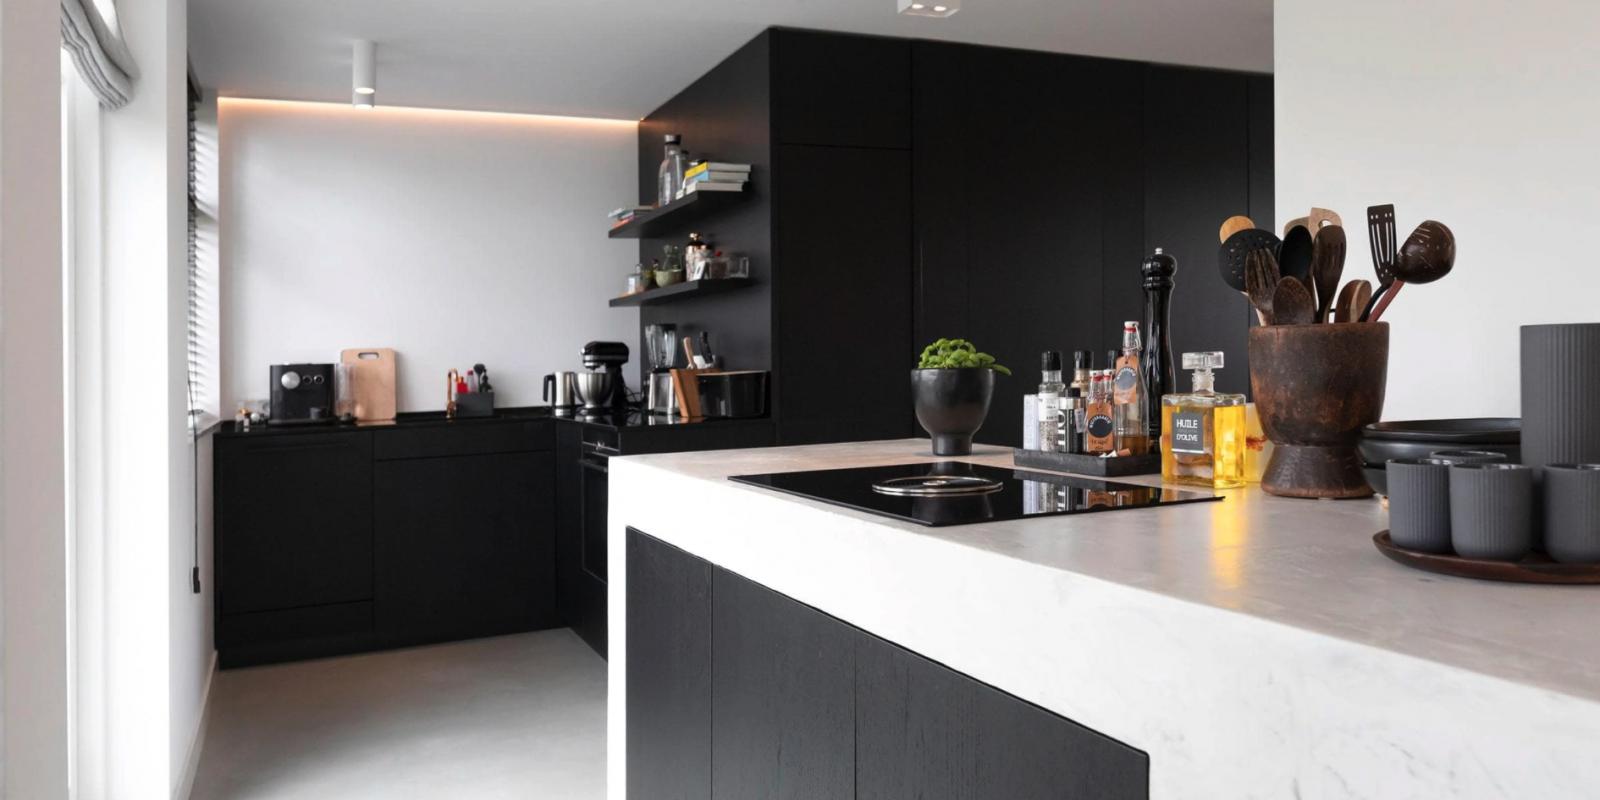 Keuken Op Maat Door Atelier 19 Schiedam